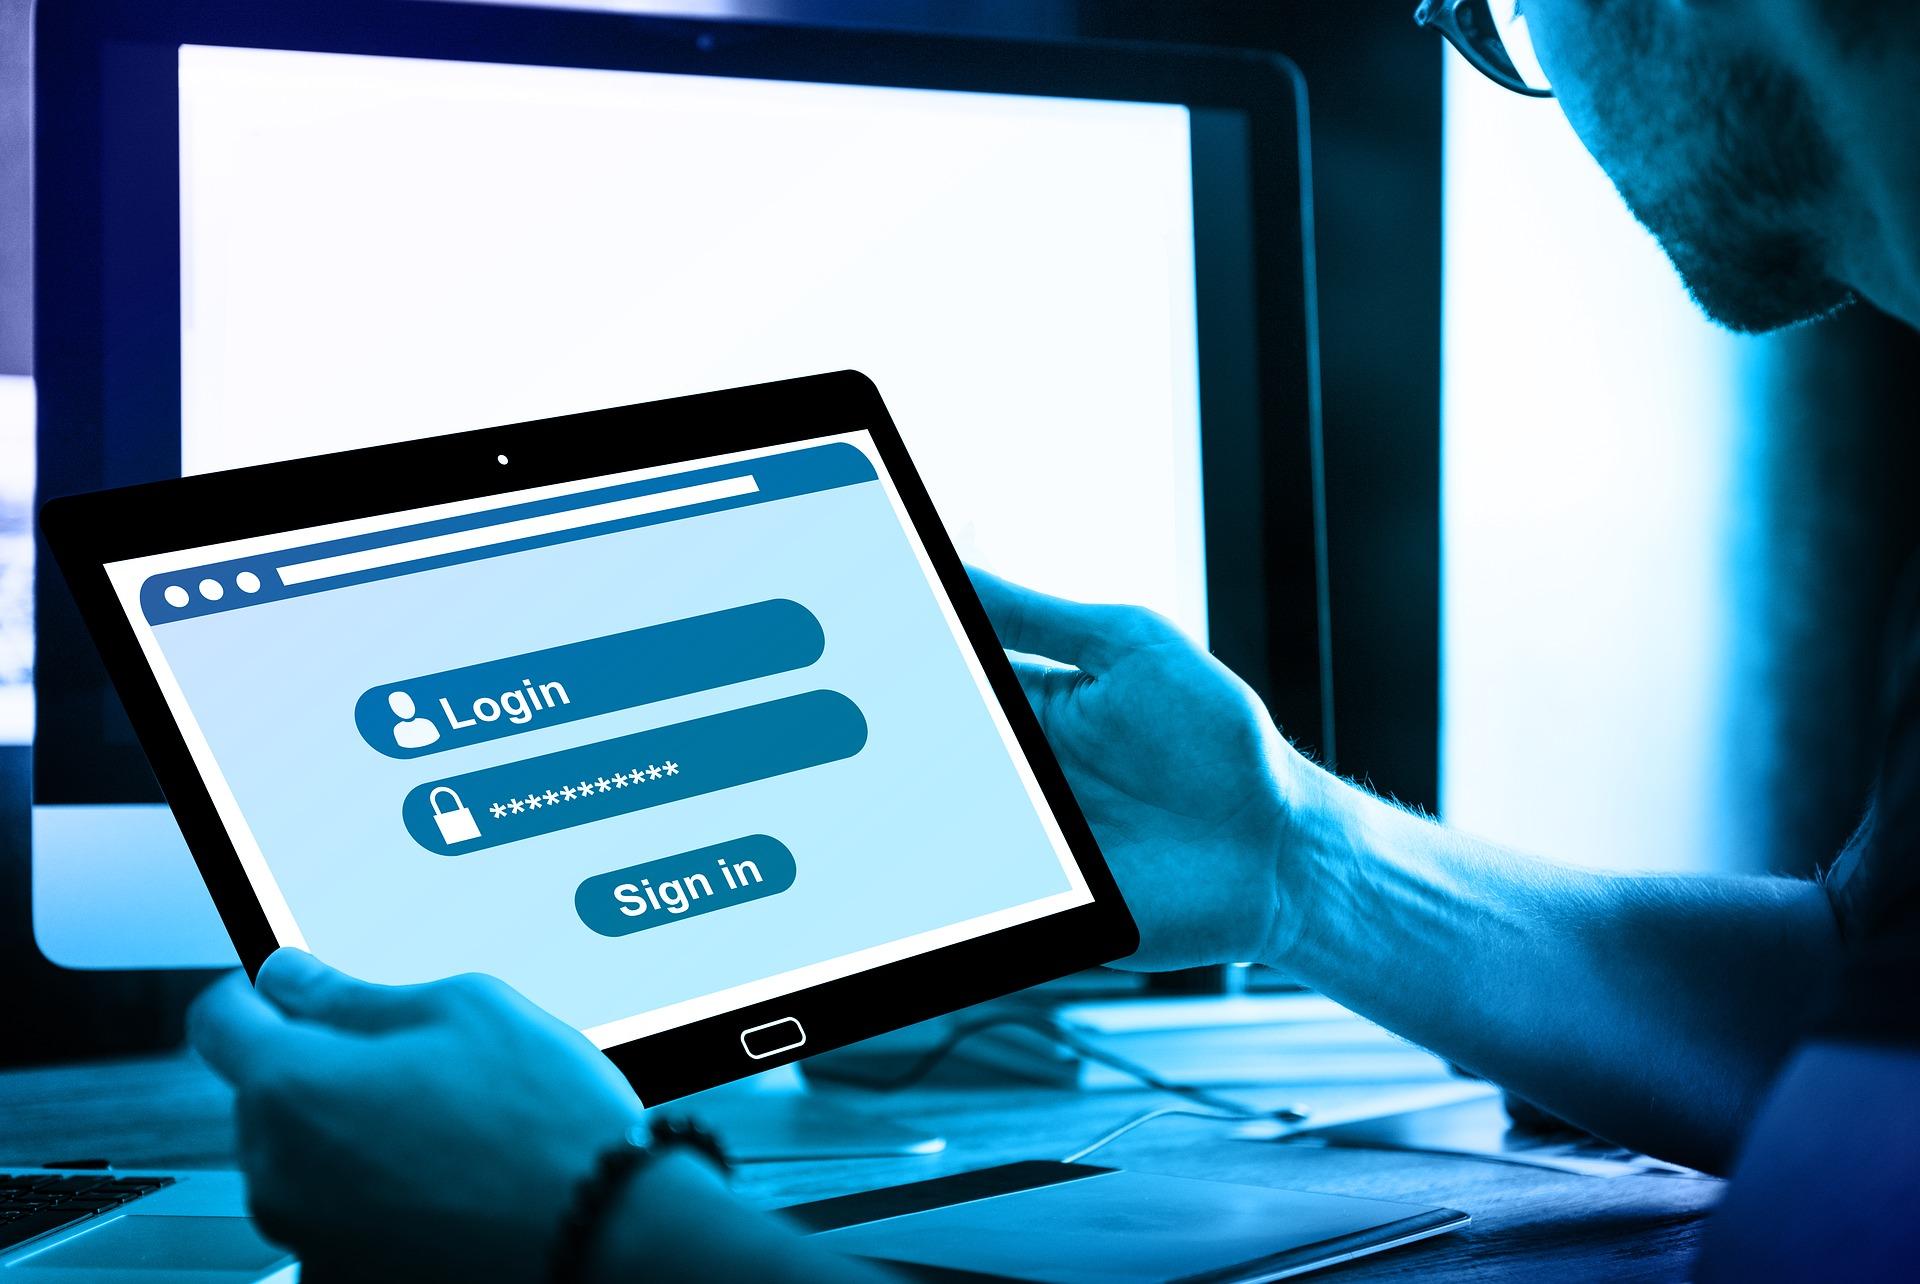 애플리케이션/웹사이트에 회원가입을 하면 어떻게 되는 걸까? 개인 보안